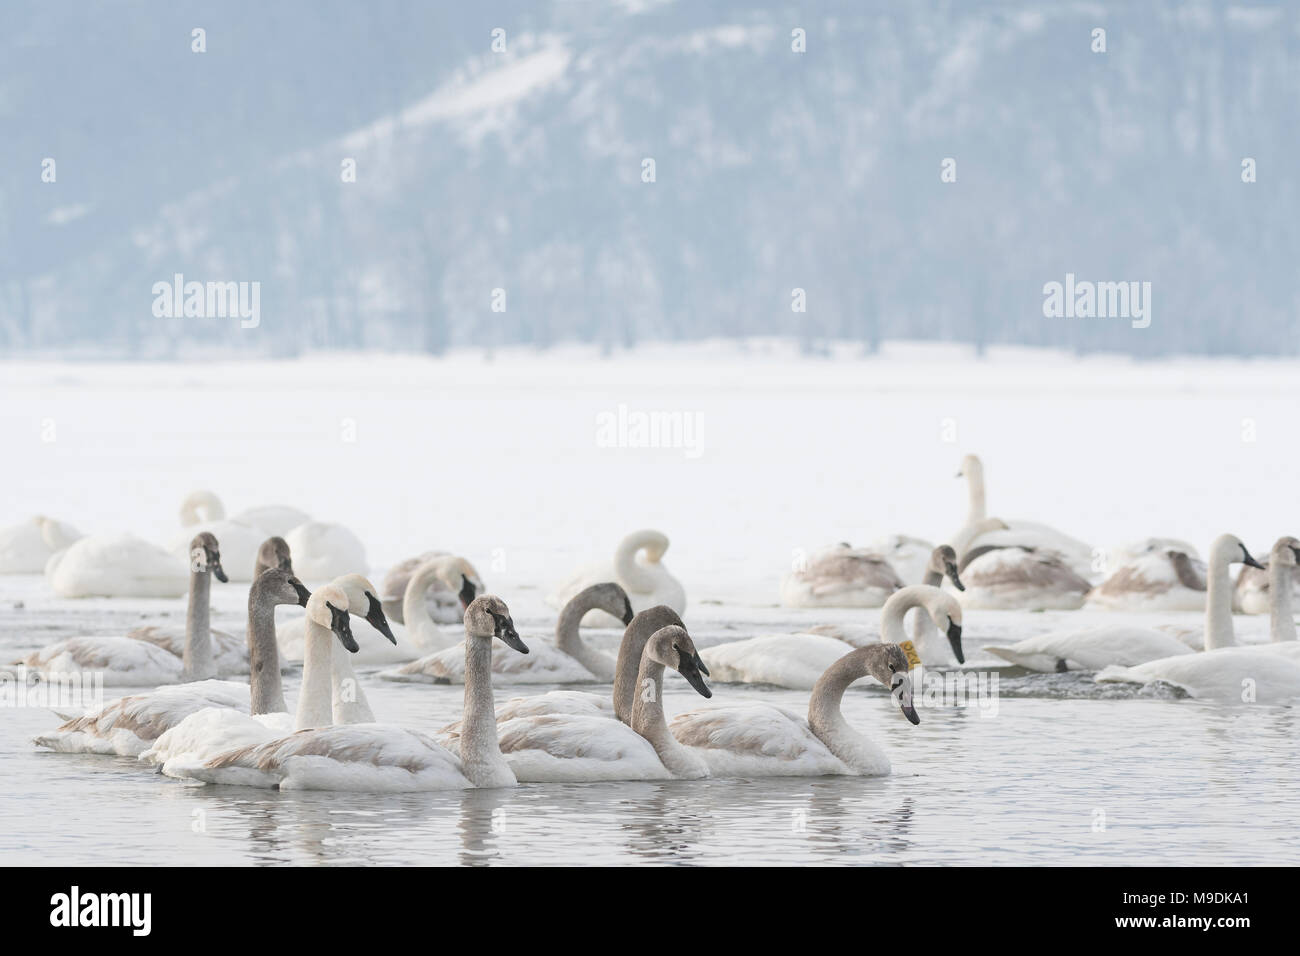 Famille de cygnes trompettes (Cygnus buccinator). Rivière Ste-croix, WI, USA,mi-janvier, par Dominique Braud/Dembinsky Assoc Photo Photo Stock